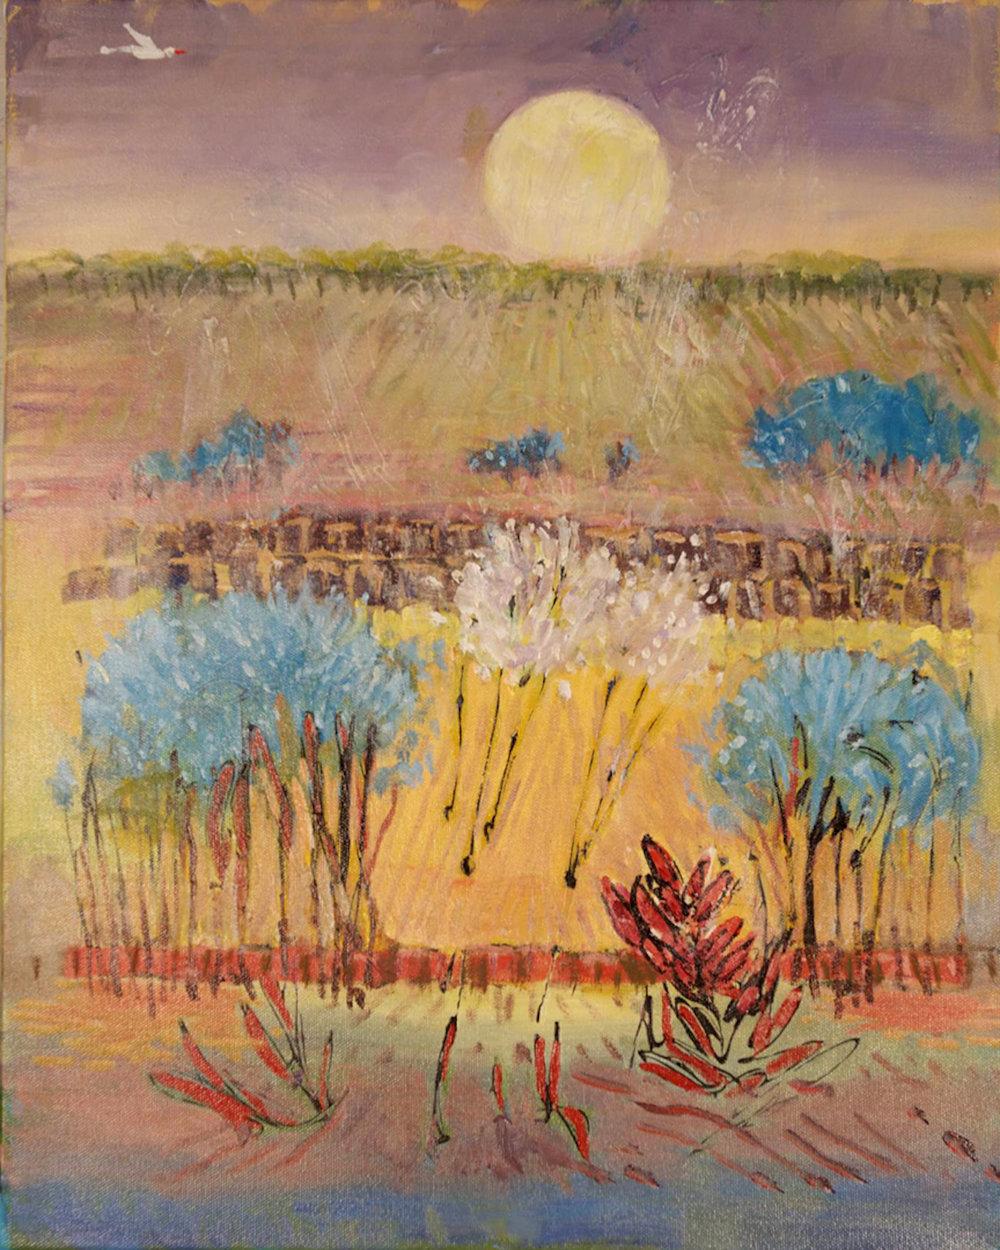 Texas Sunrise, 20 x 16, oil on canvas